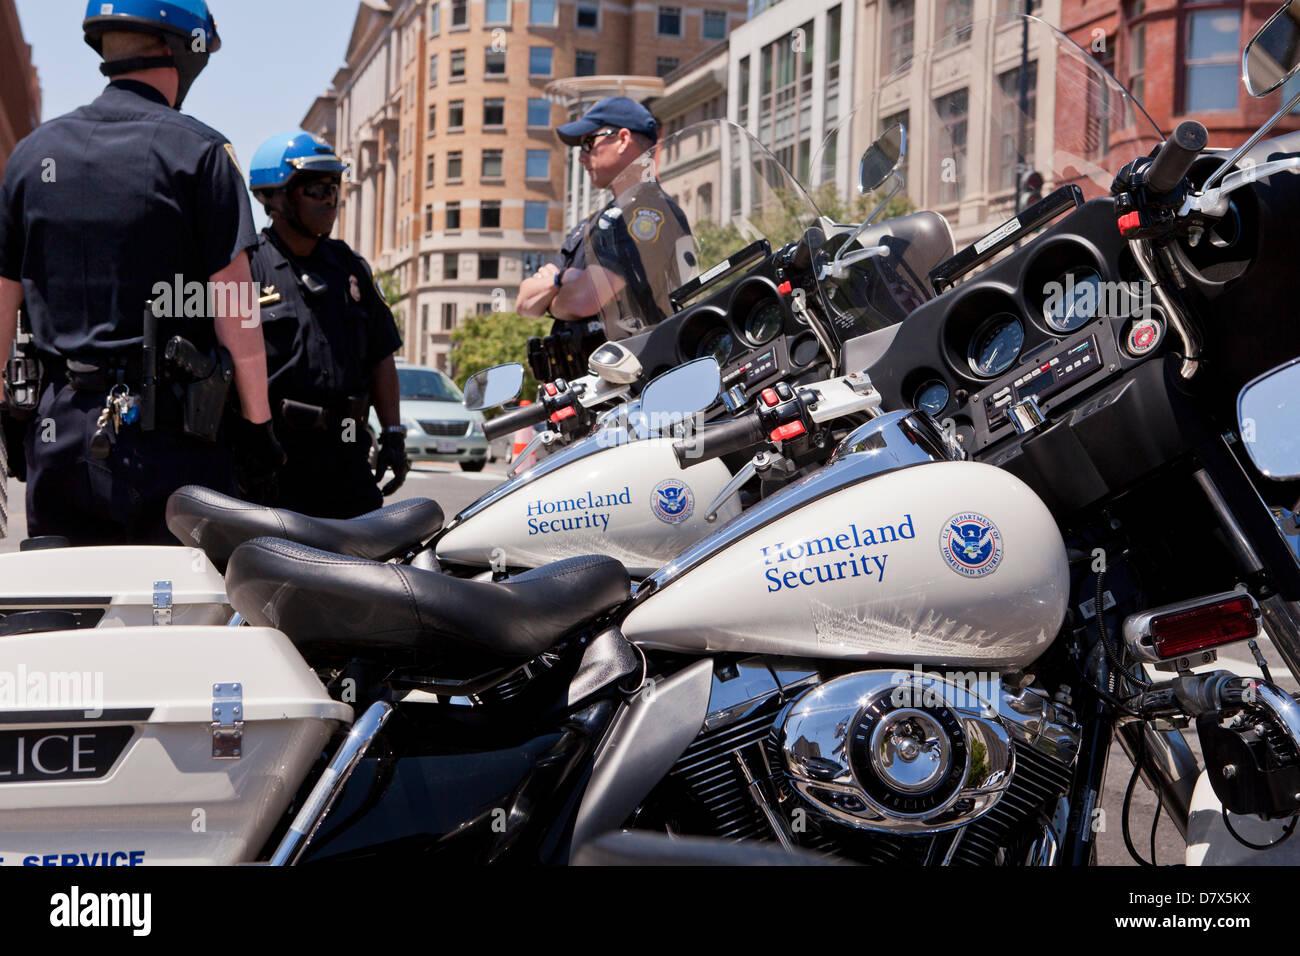 US Department of Homeland Security Federale Servizio di protezione ufficiali della polizia in piedi accanto al motociclo Immagini Stock